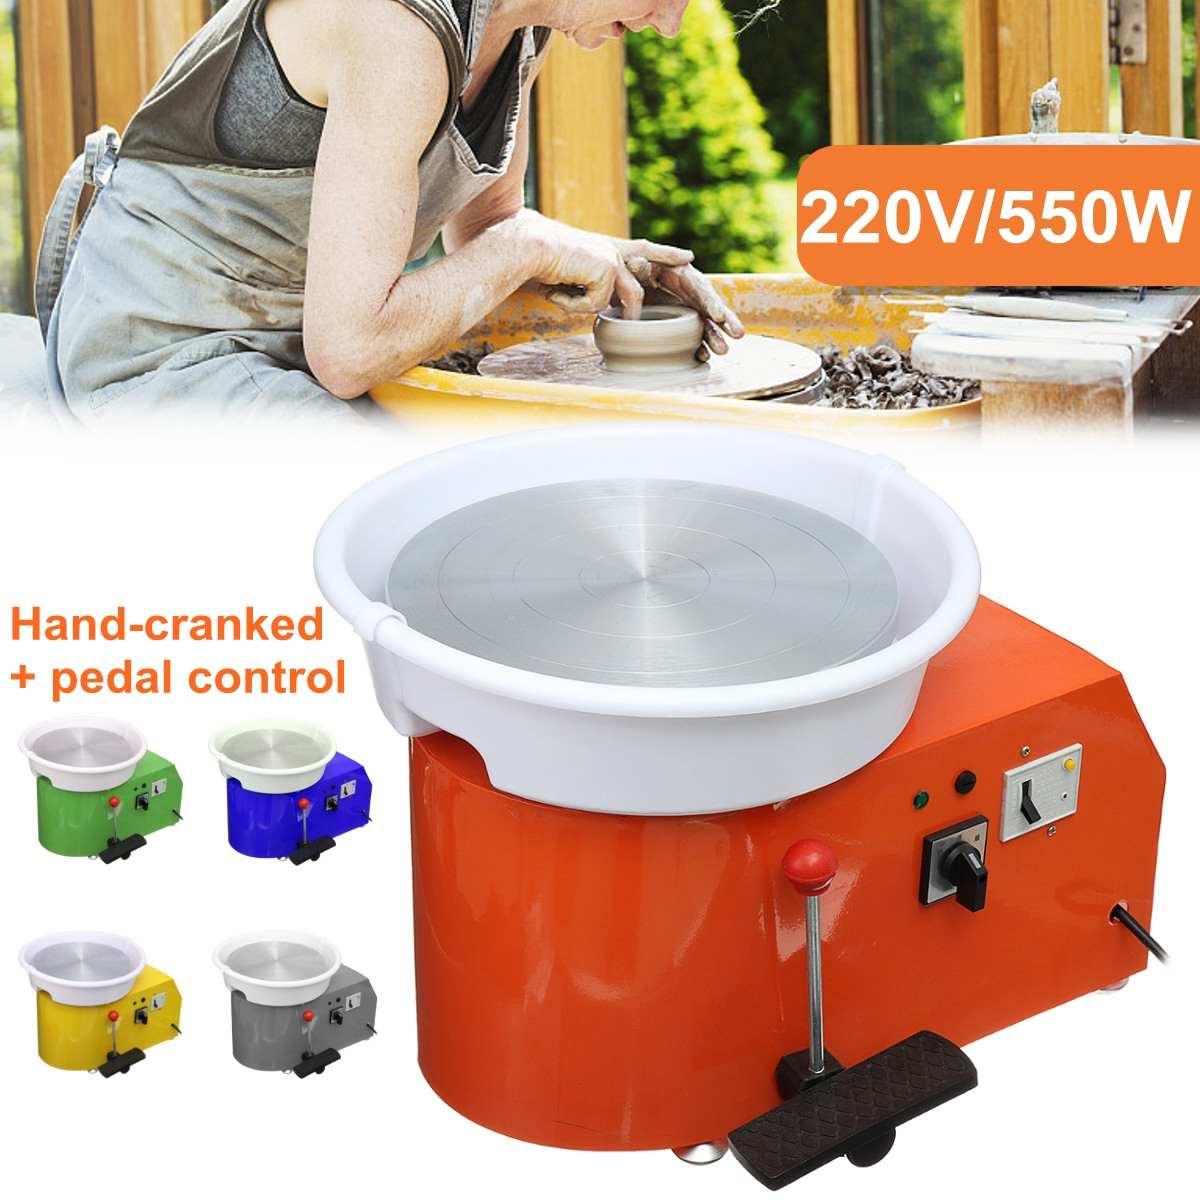 Tournant la Machine en céramique de roue de poterie électrique 220V 550W 300mm Kit de potier en céramique d'argile pour la céramique de travail en céramique - 2